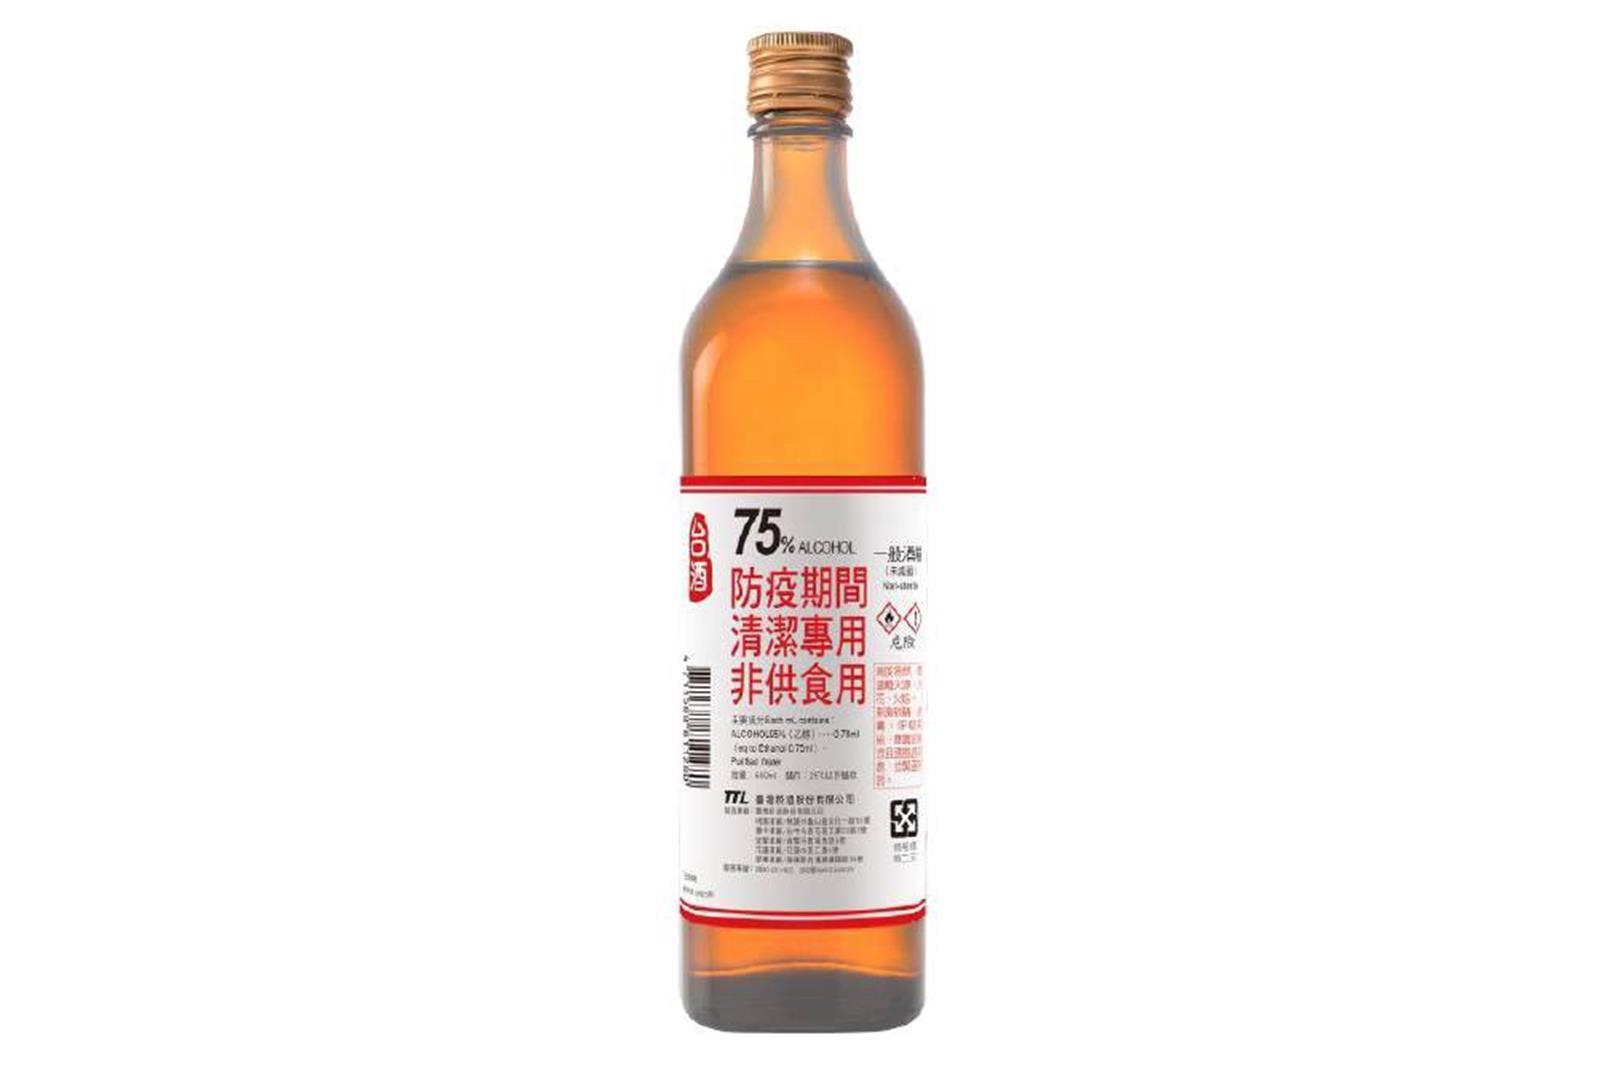 咖啡色玻璃瓶台酒出的防疫酒精